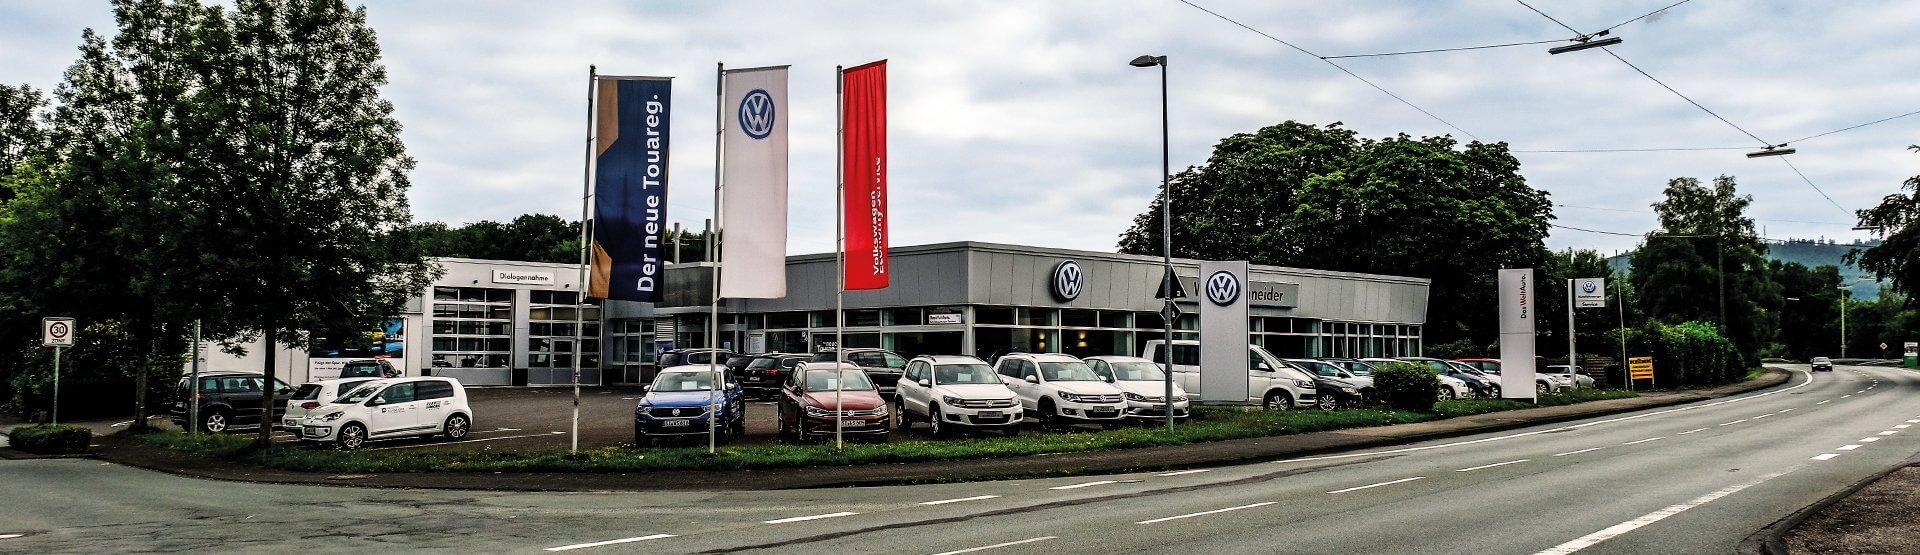 Autohaus Walter Schneider in Kreuztal-Ferndorf